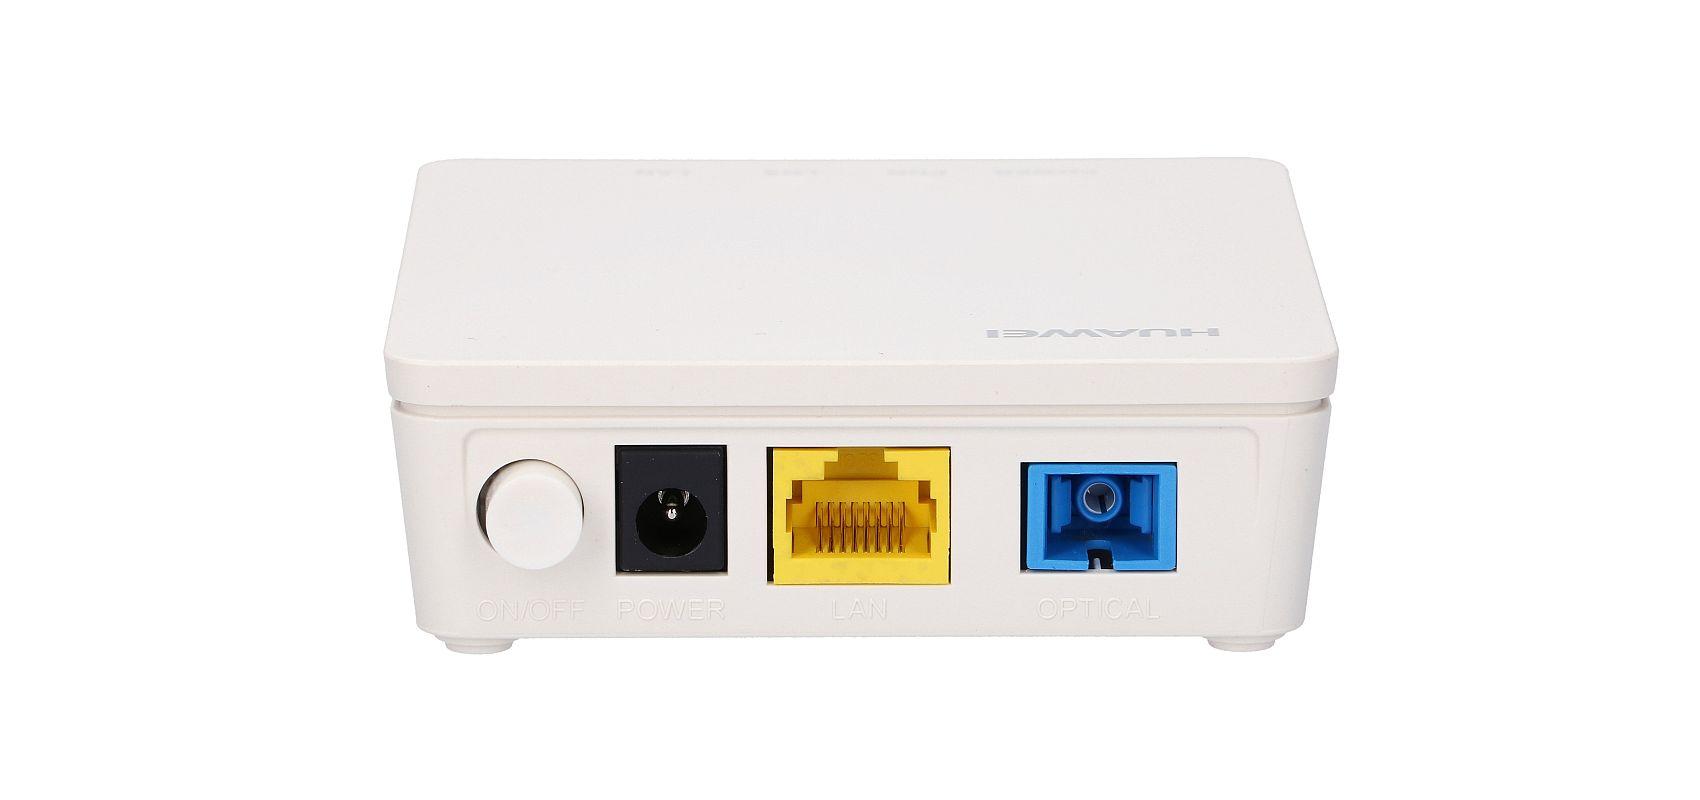 HW-HG8310M Huawei HG8310M | ONT | 1x GPON, 1x RJ45 1000Mb/s